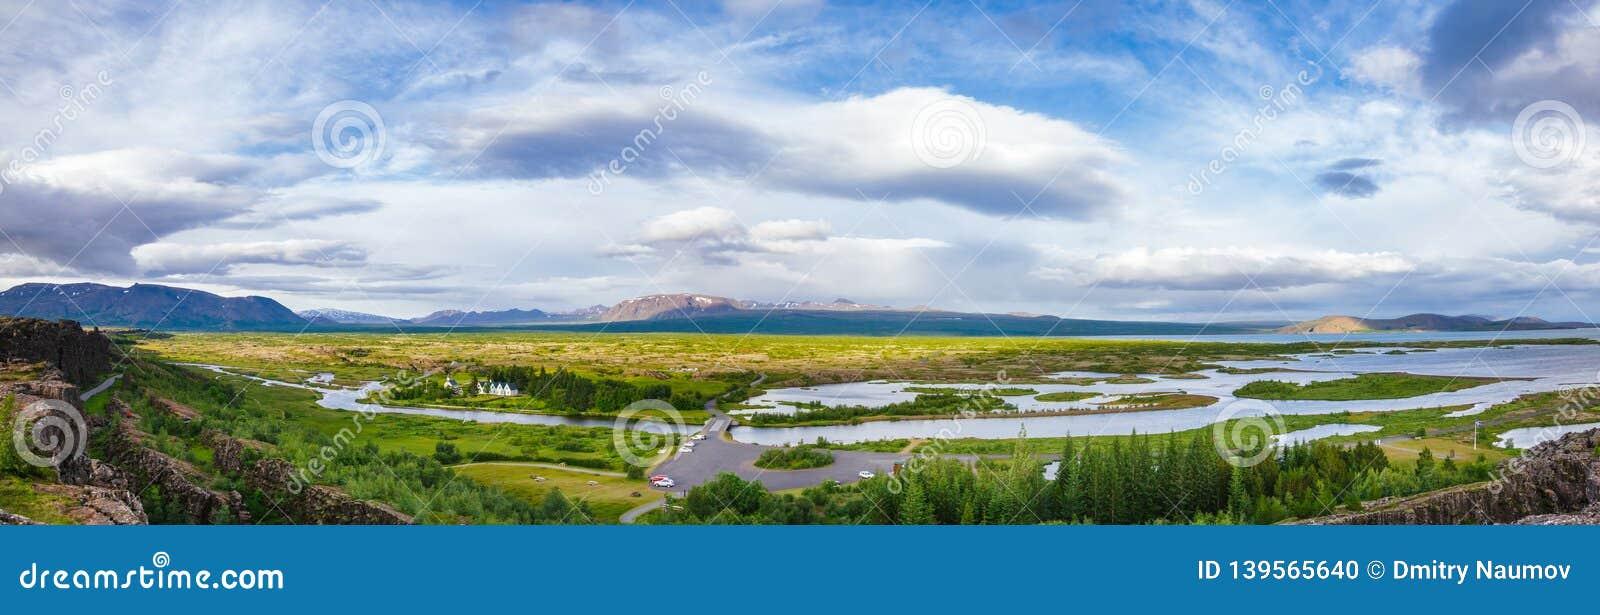 Itinéraire de touristes Islande Scandinavie de cercle d or de panorama de parc national de Thingvellir